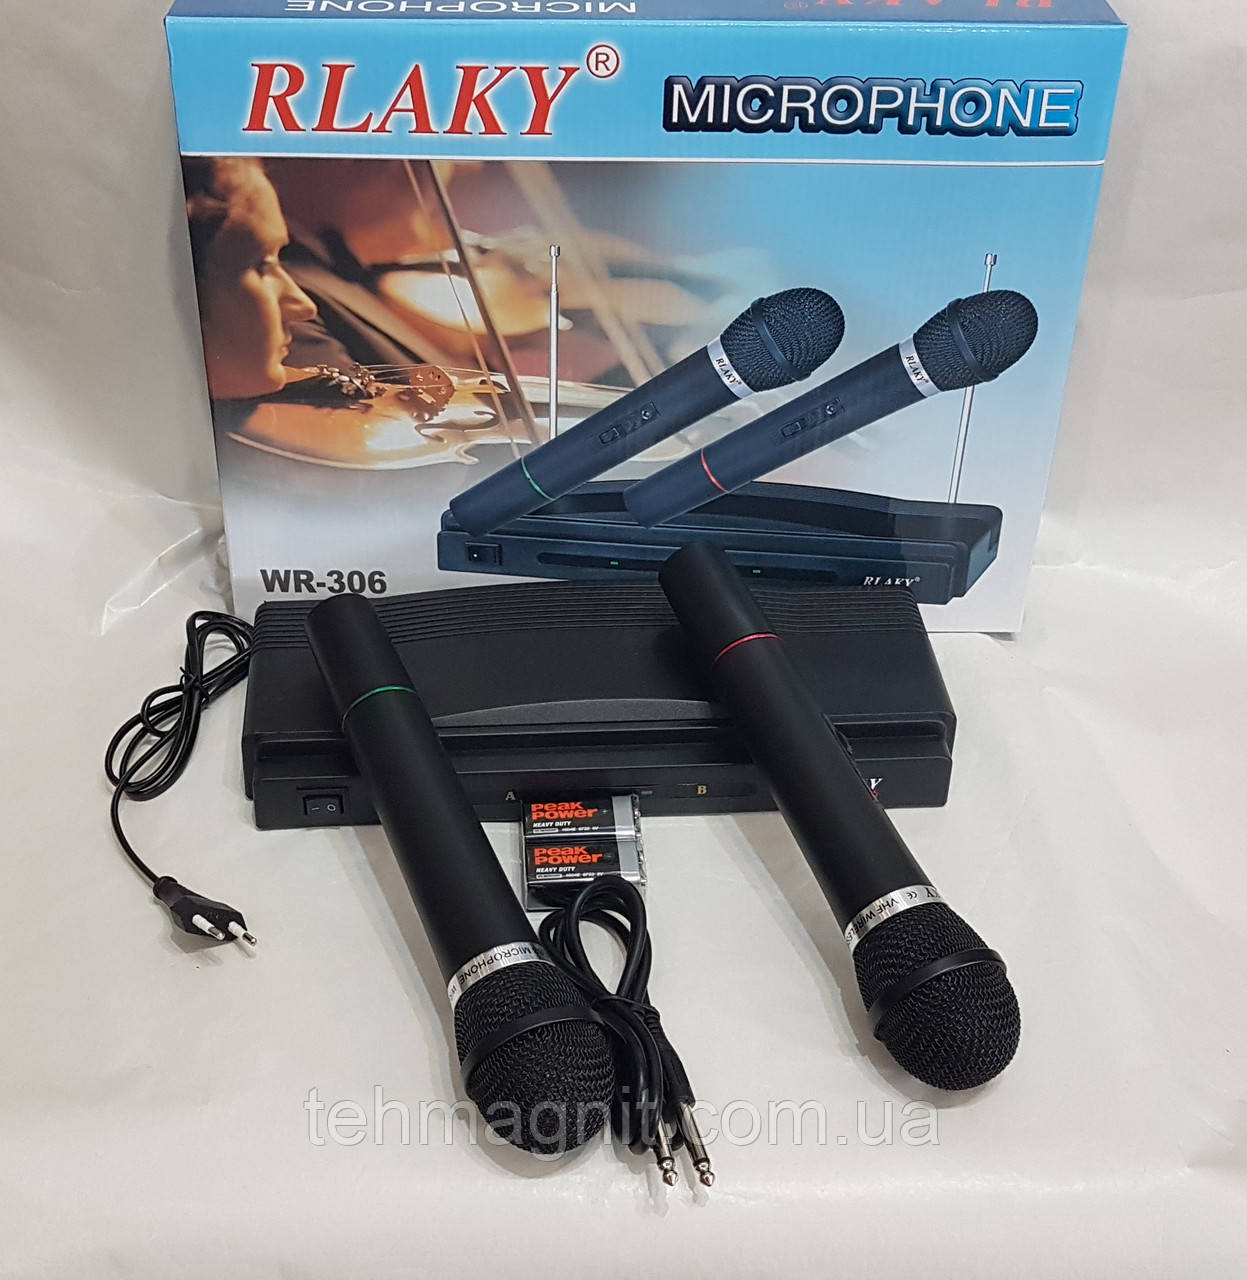 Микрофоны Rlaky WR-306, беспроводные микрофоны с базой